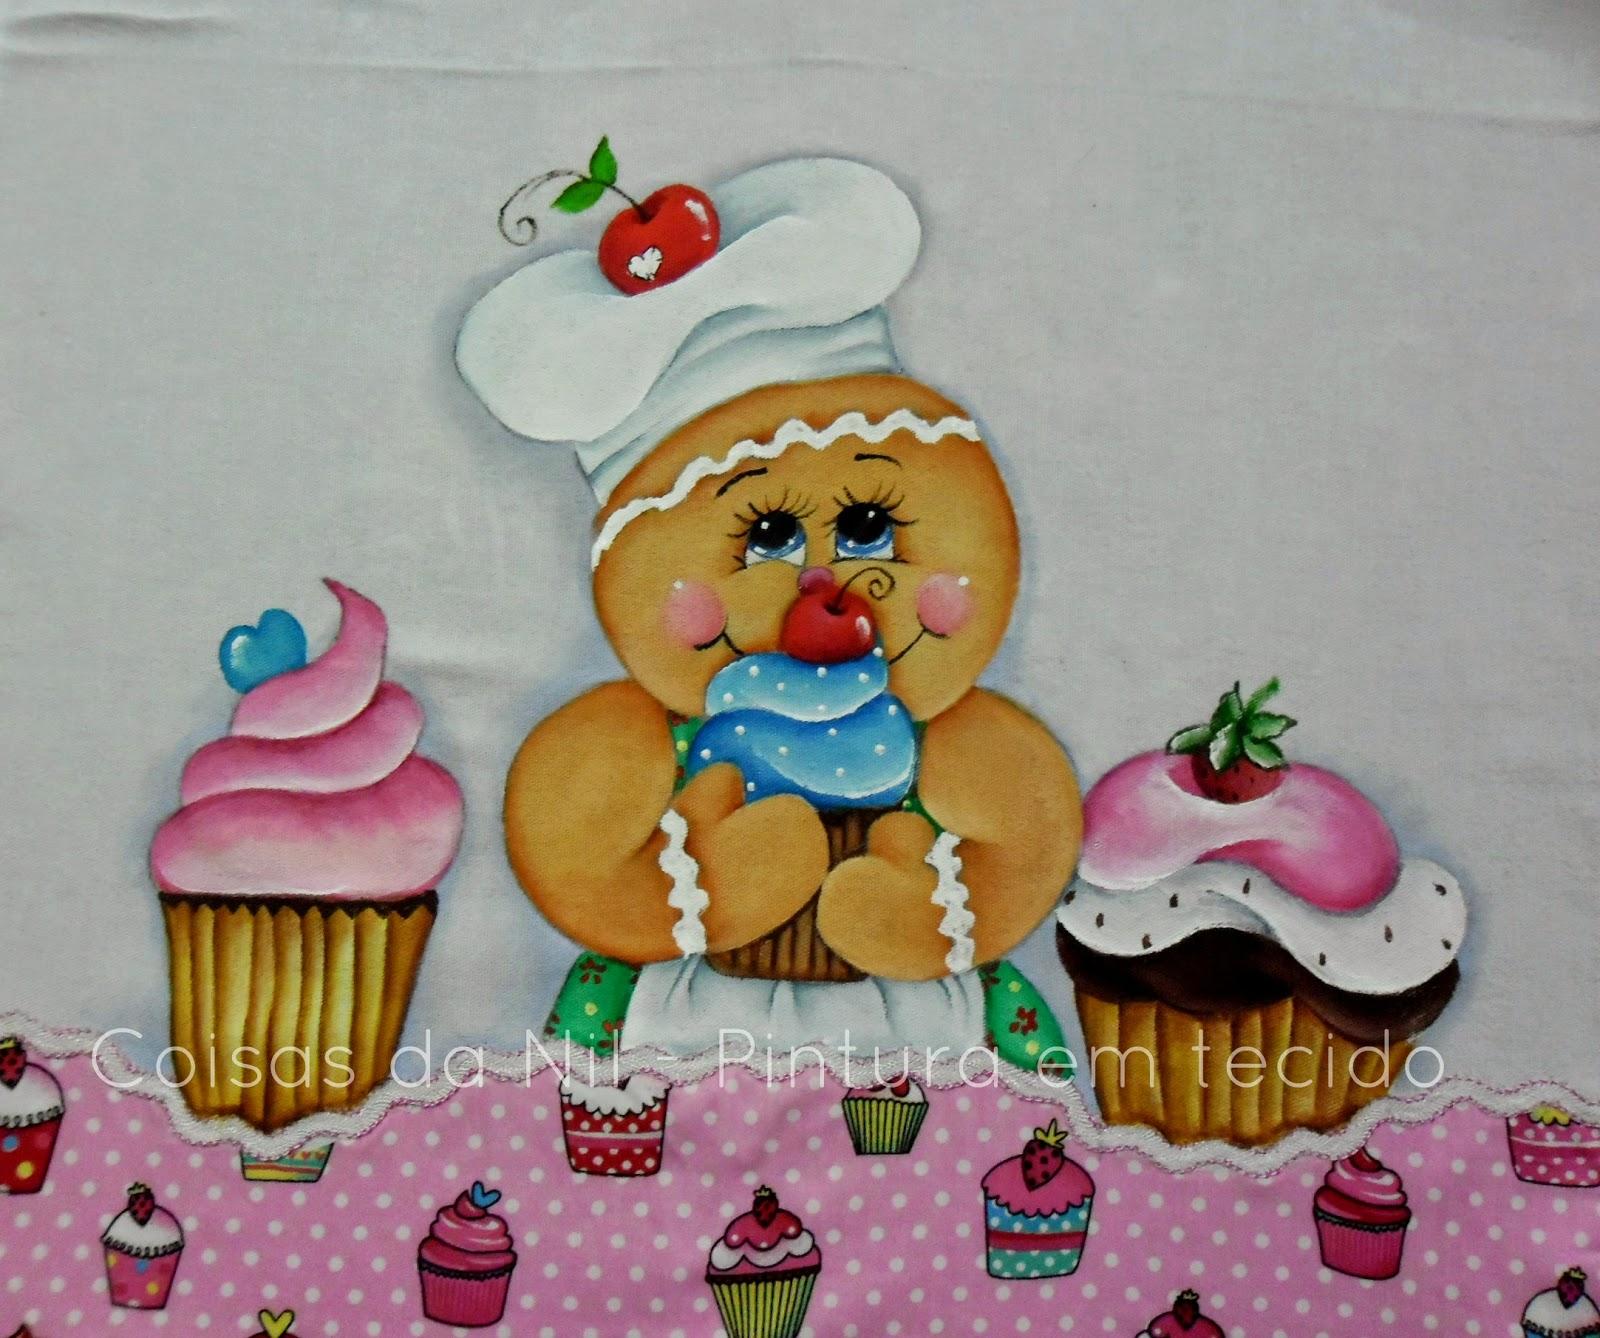 pano de copa com pintura de boneca ginger e barradinho de tecido estampado com cupcakes